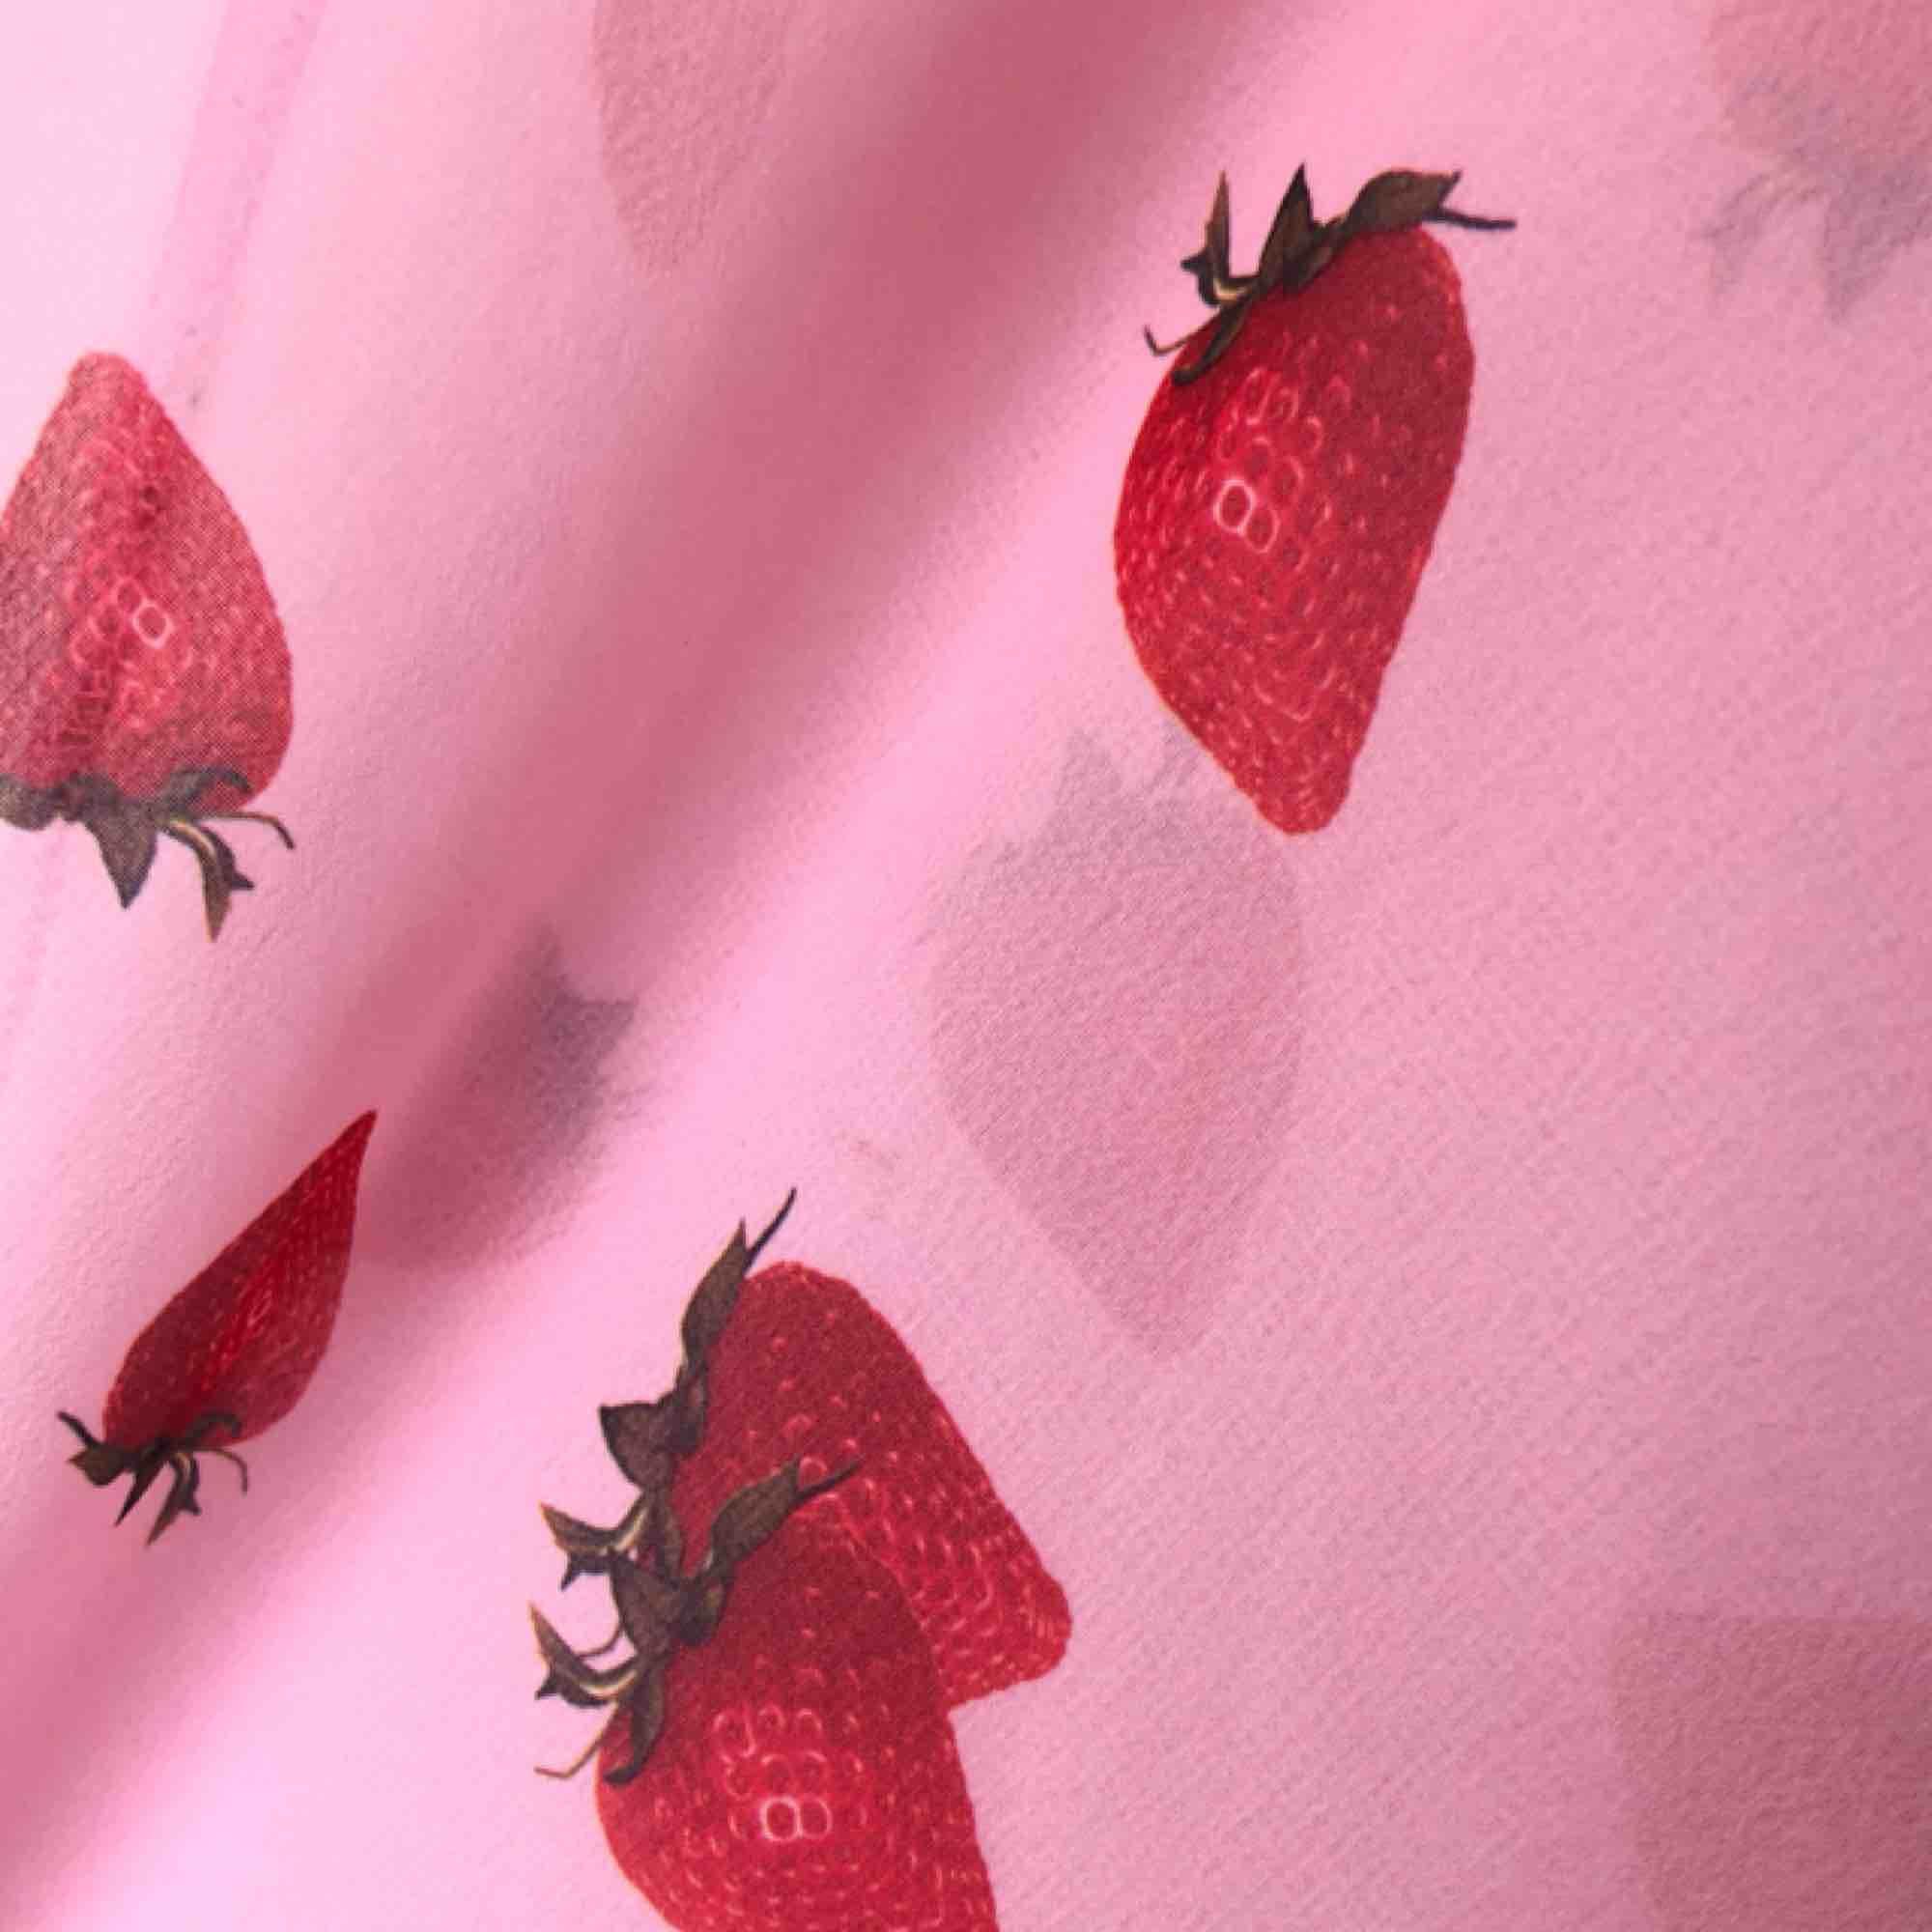 Super söt rosa slipdress med jordgubbar🍓 Passar bra till sommaren! OBS, klänningen är tunn och transparent, jag har en vit klänning på mig under💕 Fri frakt!. Klänningar.